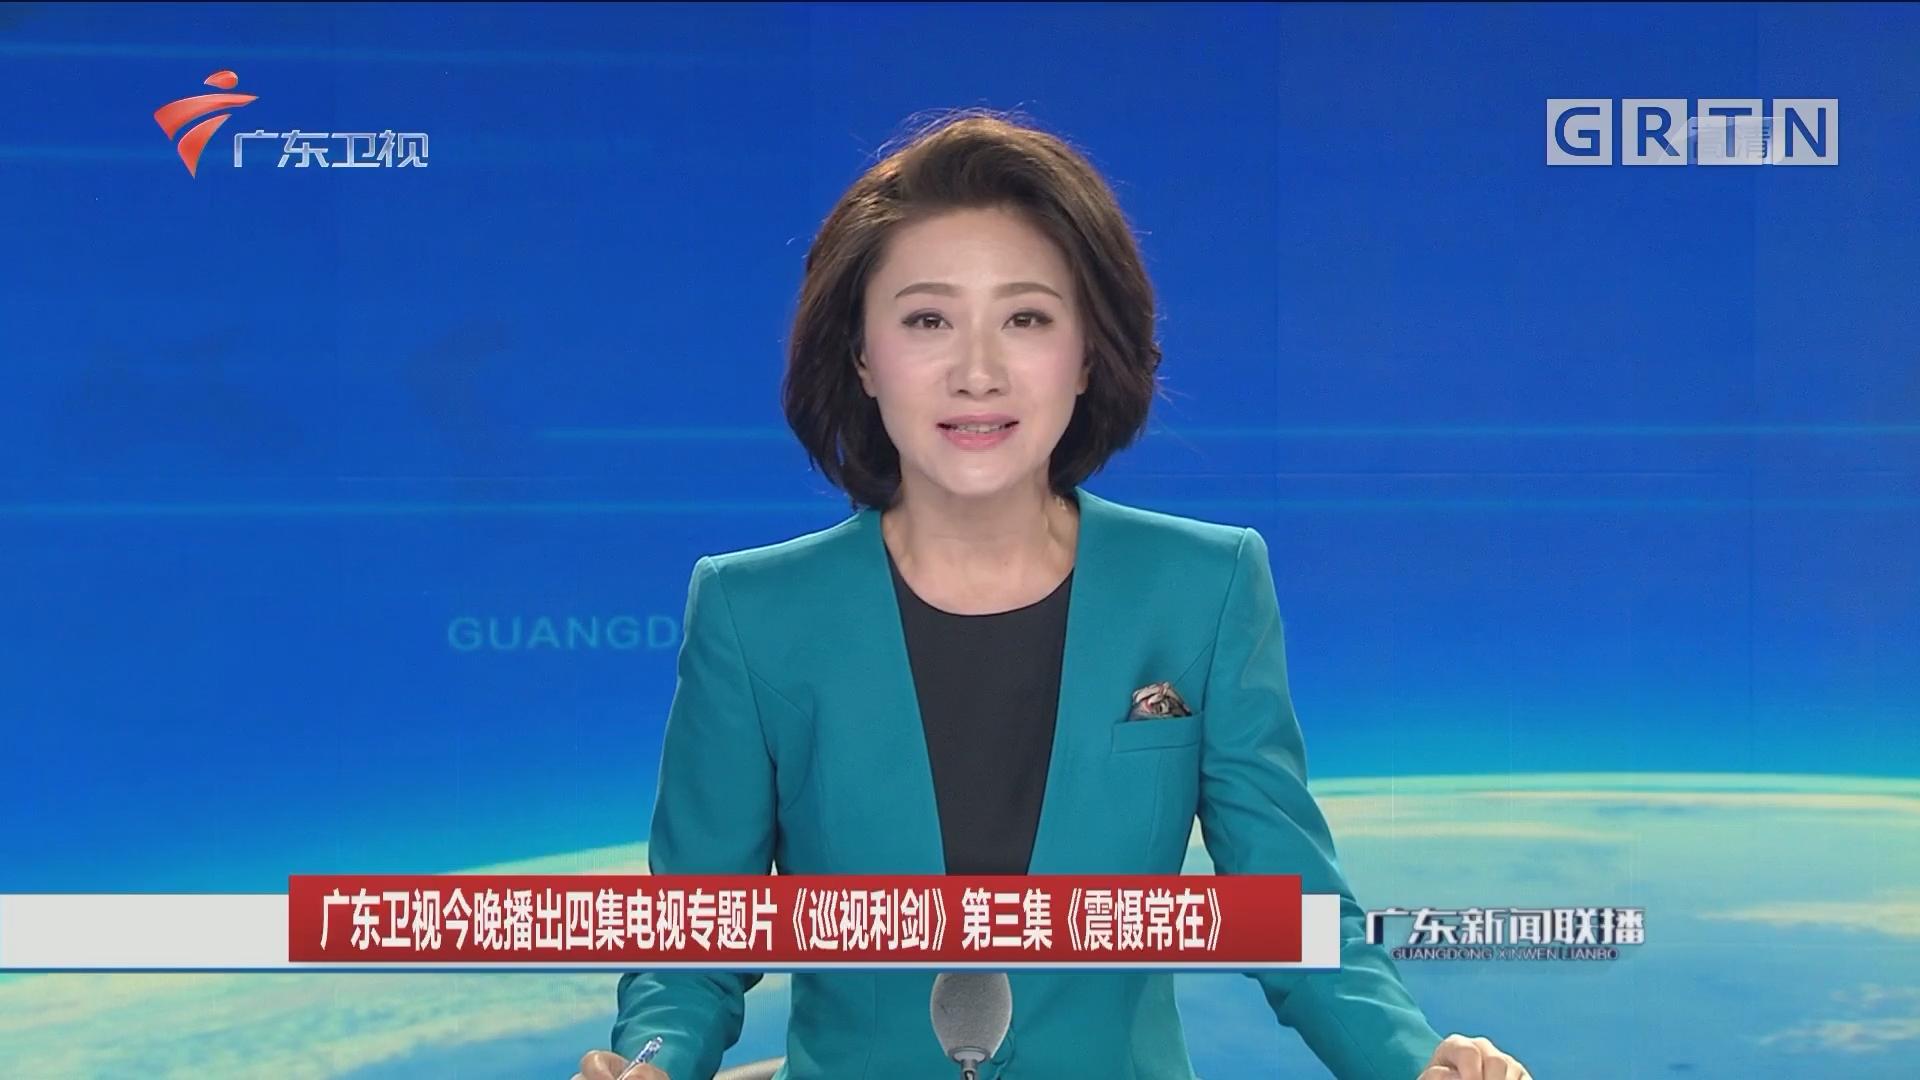 广东卫视今晚播出四集电视专题片《巡视利剑》第三集《震慑常在》